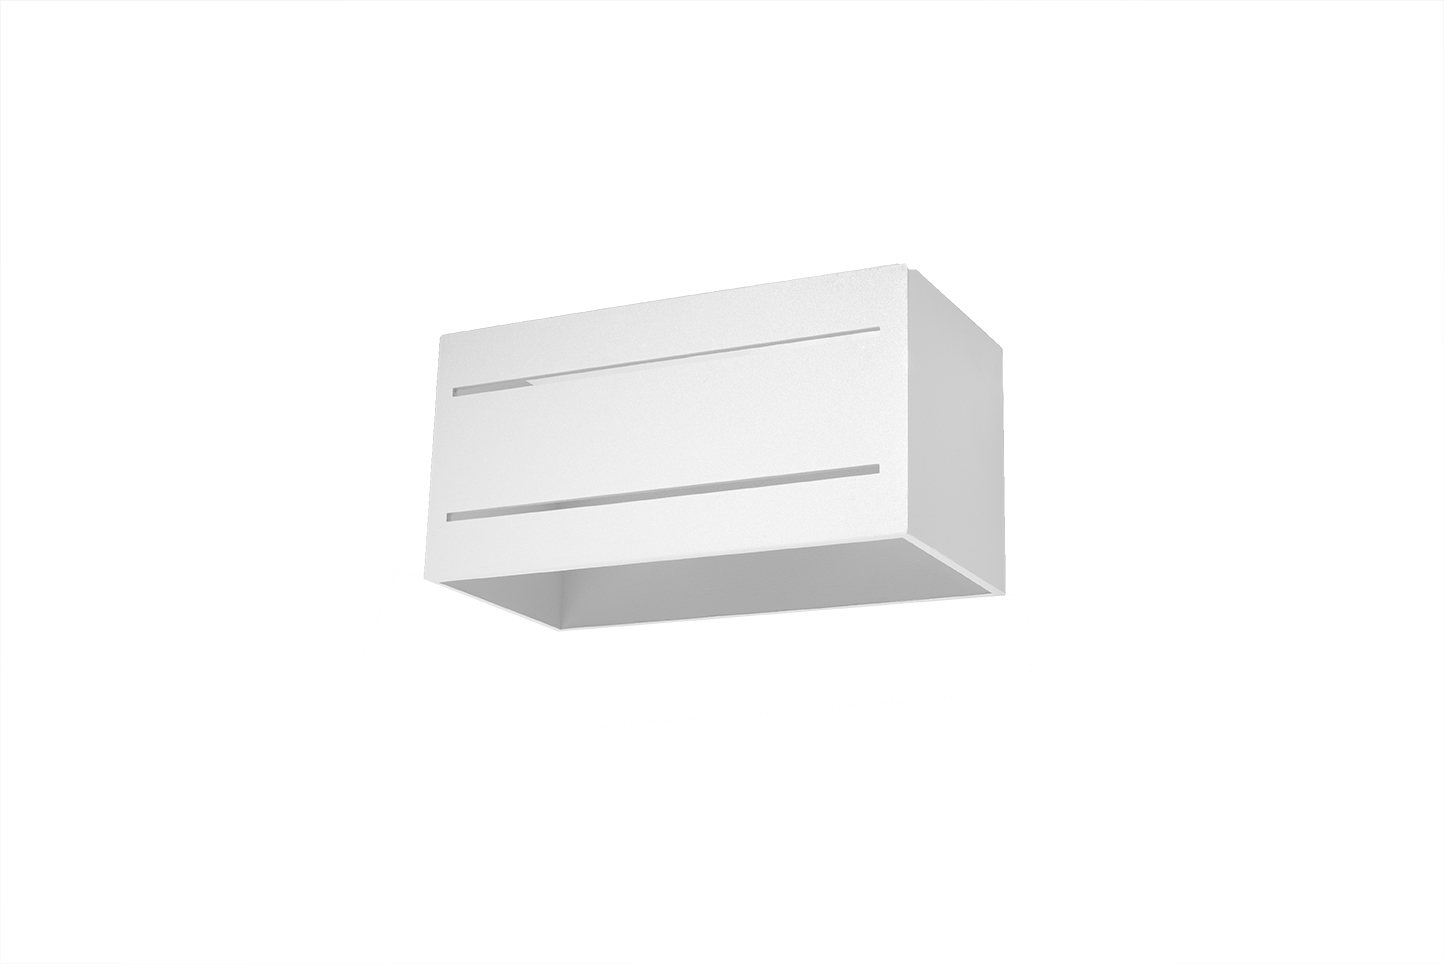 Bílá Nástěnná lampa LOBO MAXI 2 bílá SL.0531